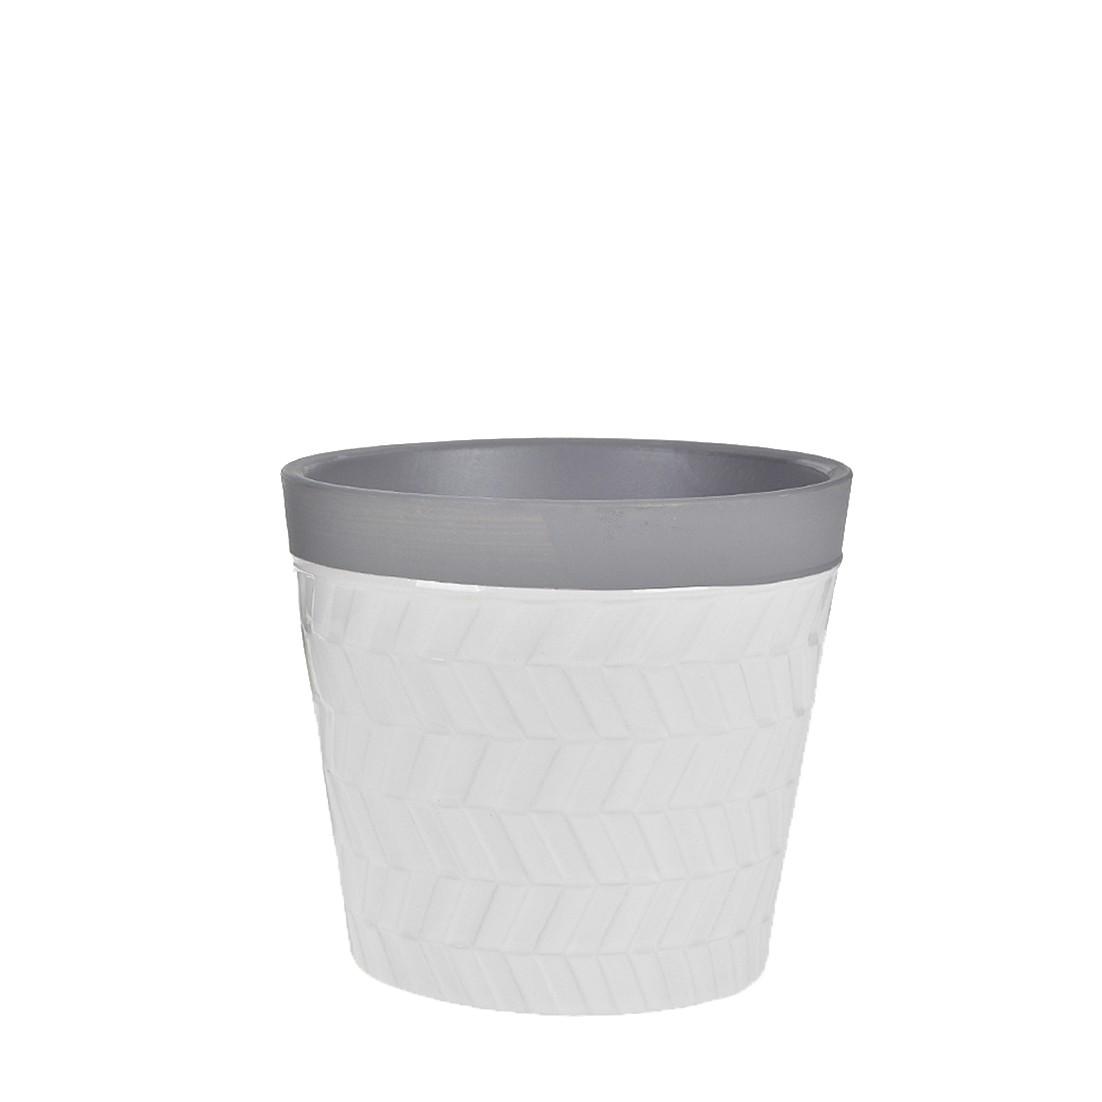 Vaso Decorativo Ceramica 13cm Redondo Branco e Cinza 50370-555